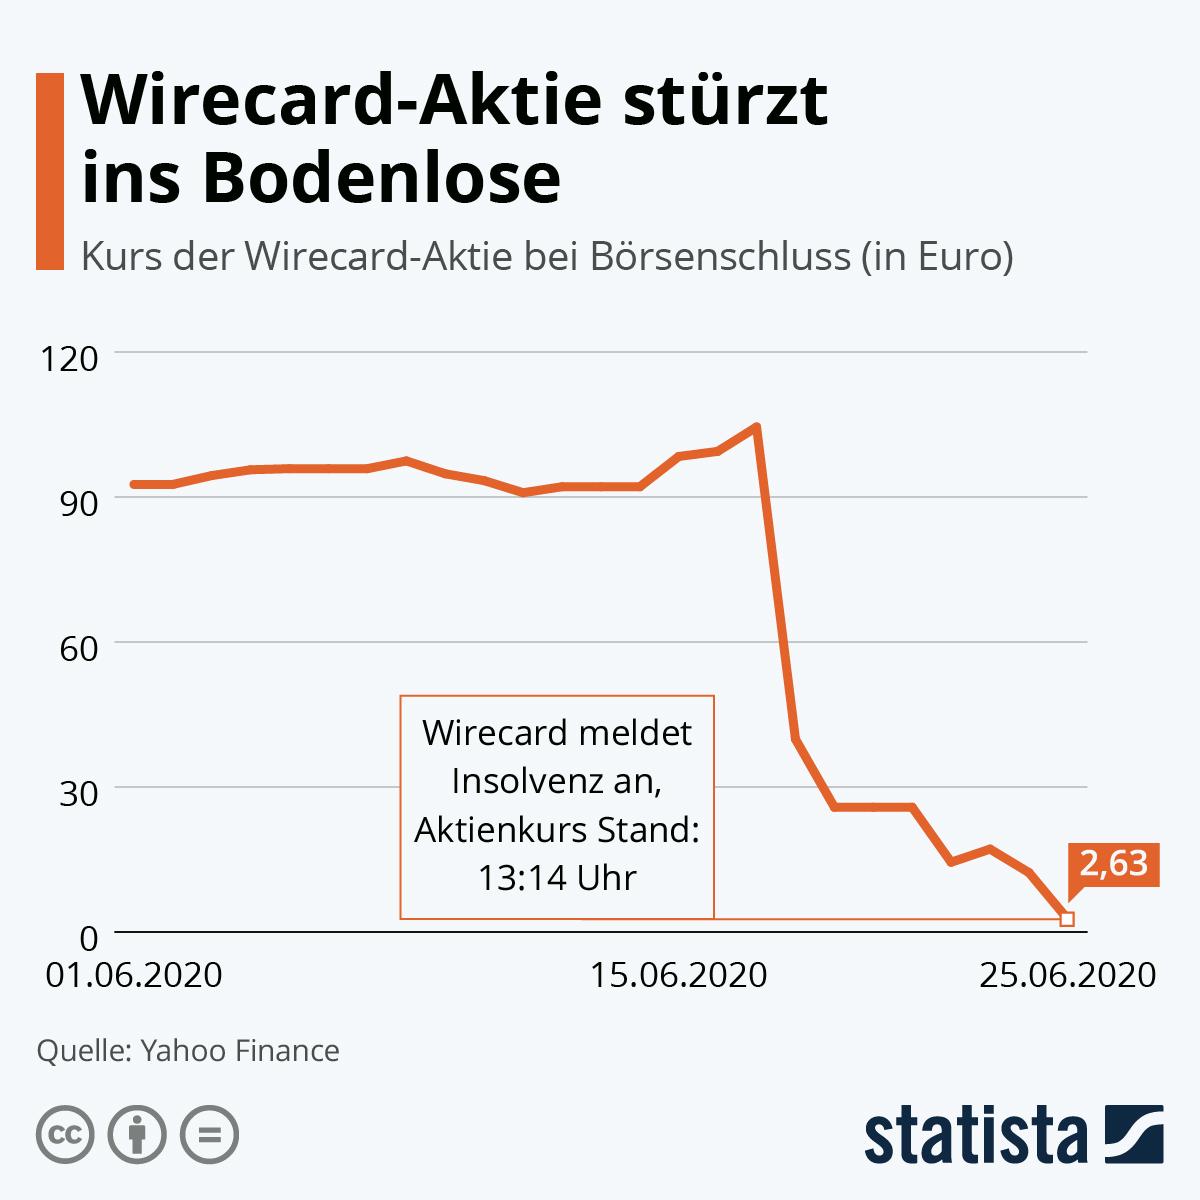 Infografik: Wirecard-Aktie stürzt ins Bodenlose | Statista